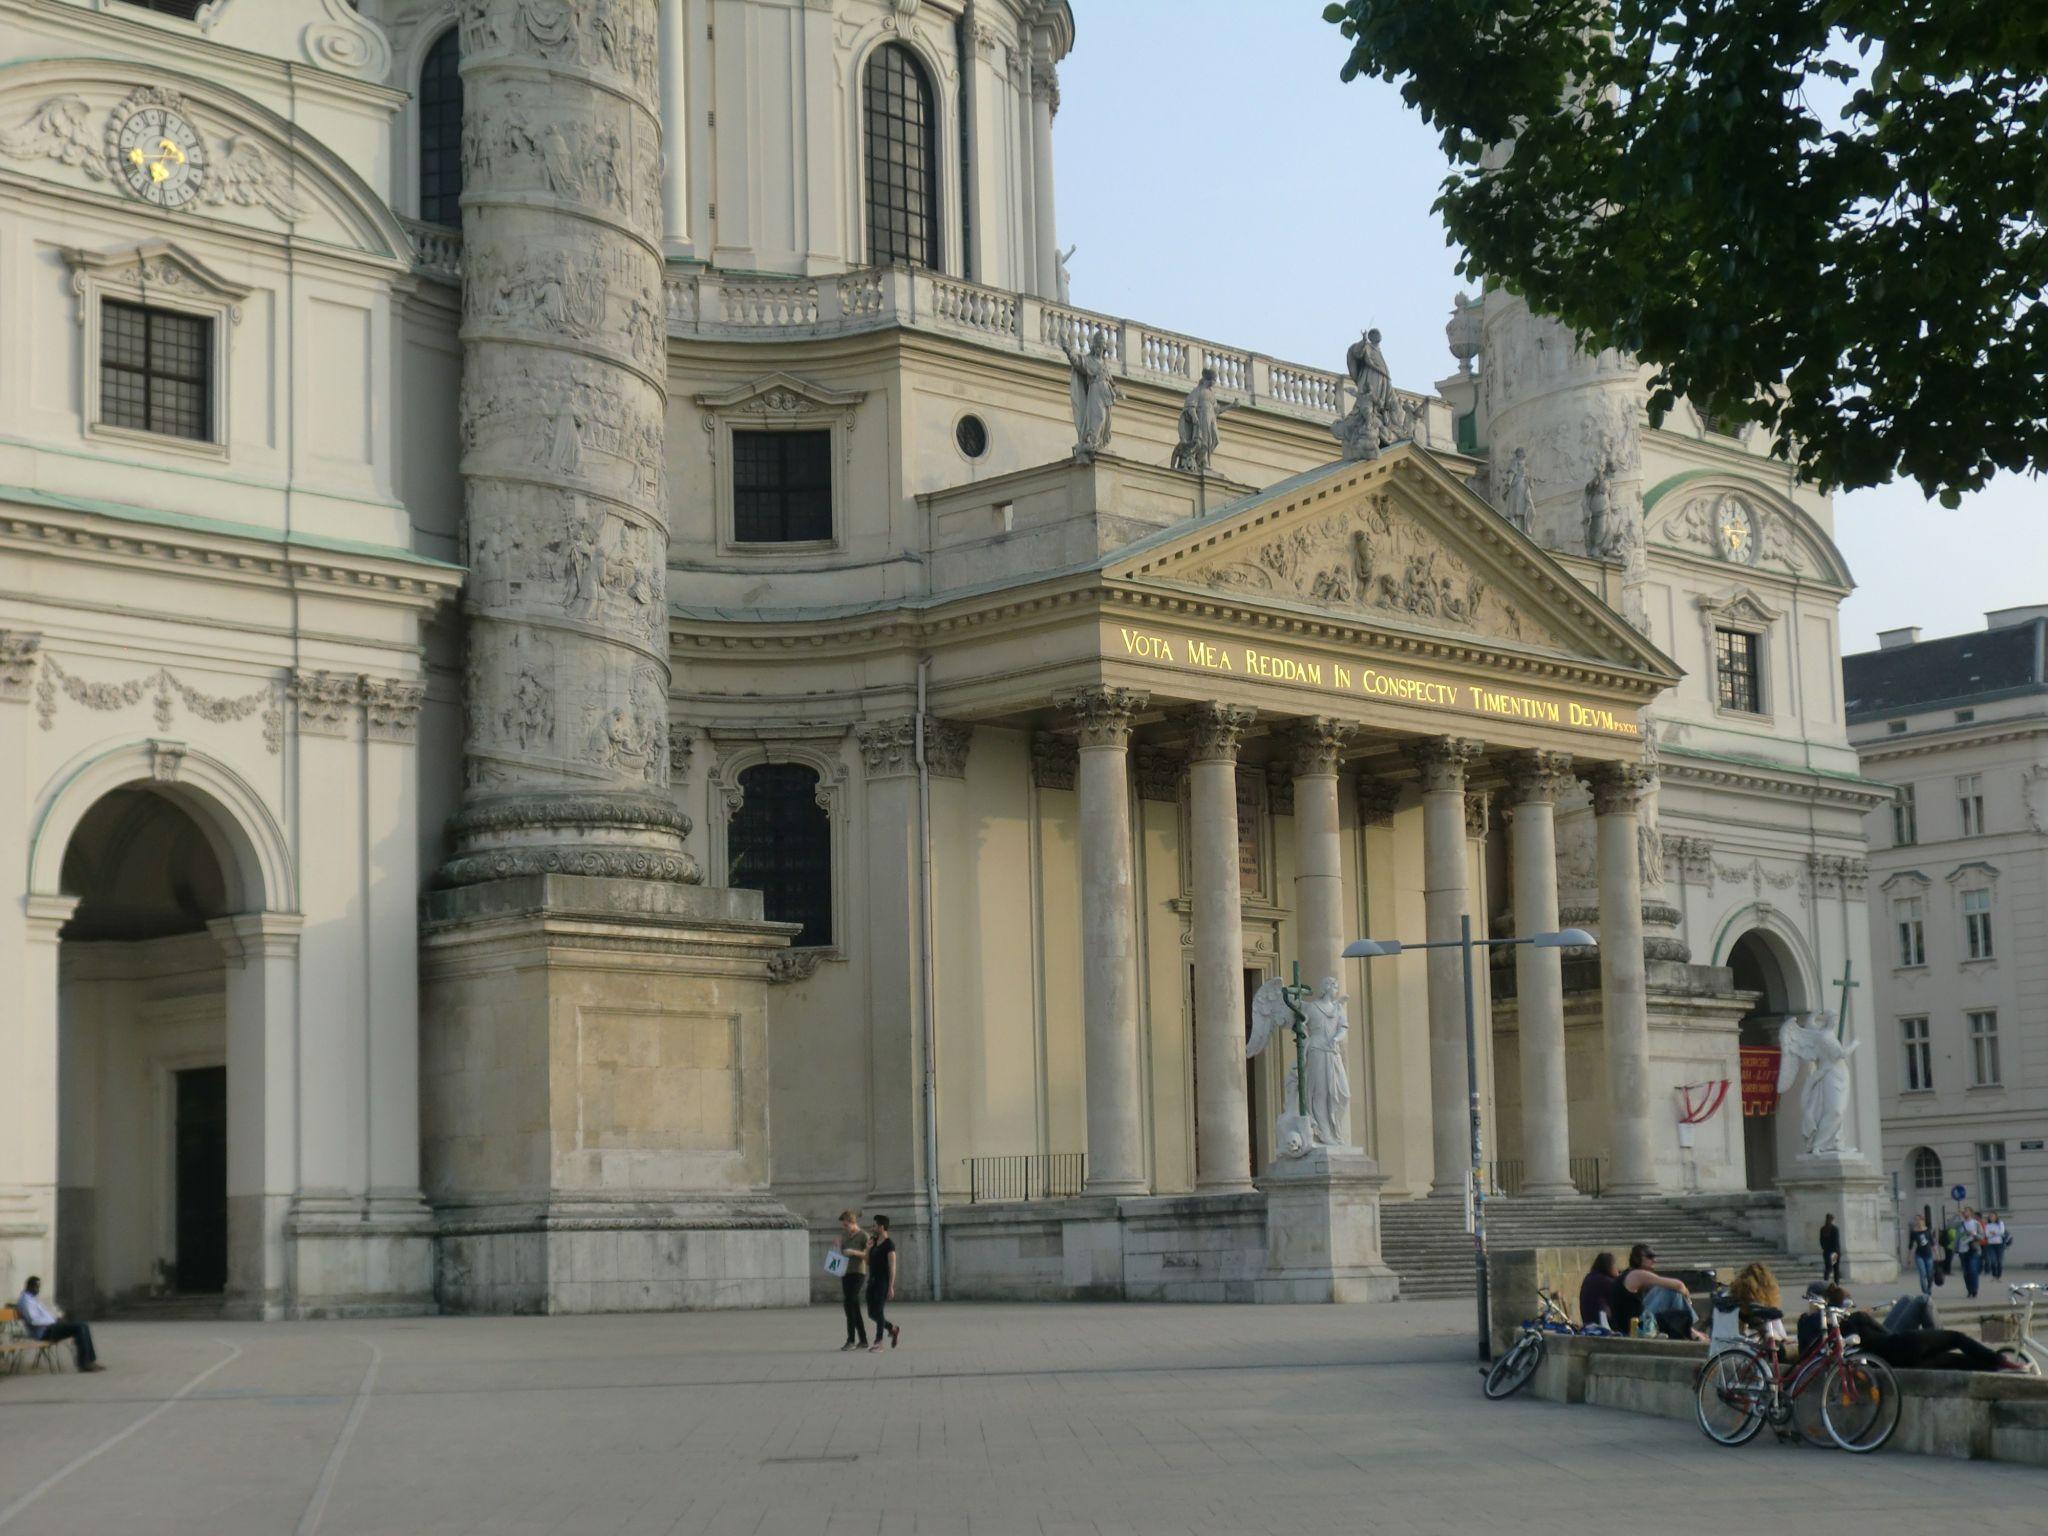 Vienna Opera 14 1440x1080 - Vienna: elegant beauty